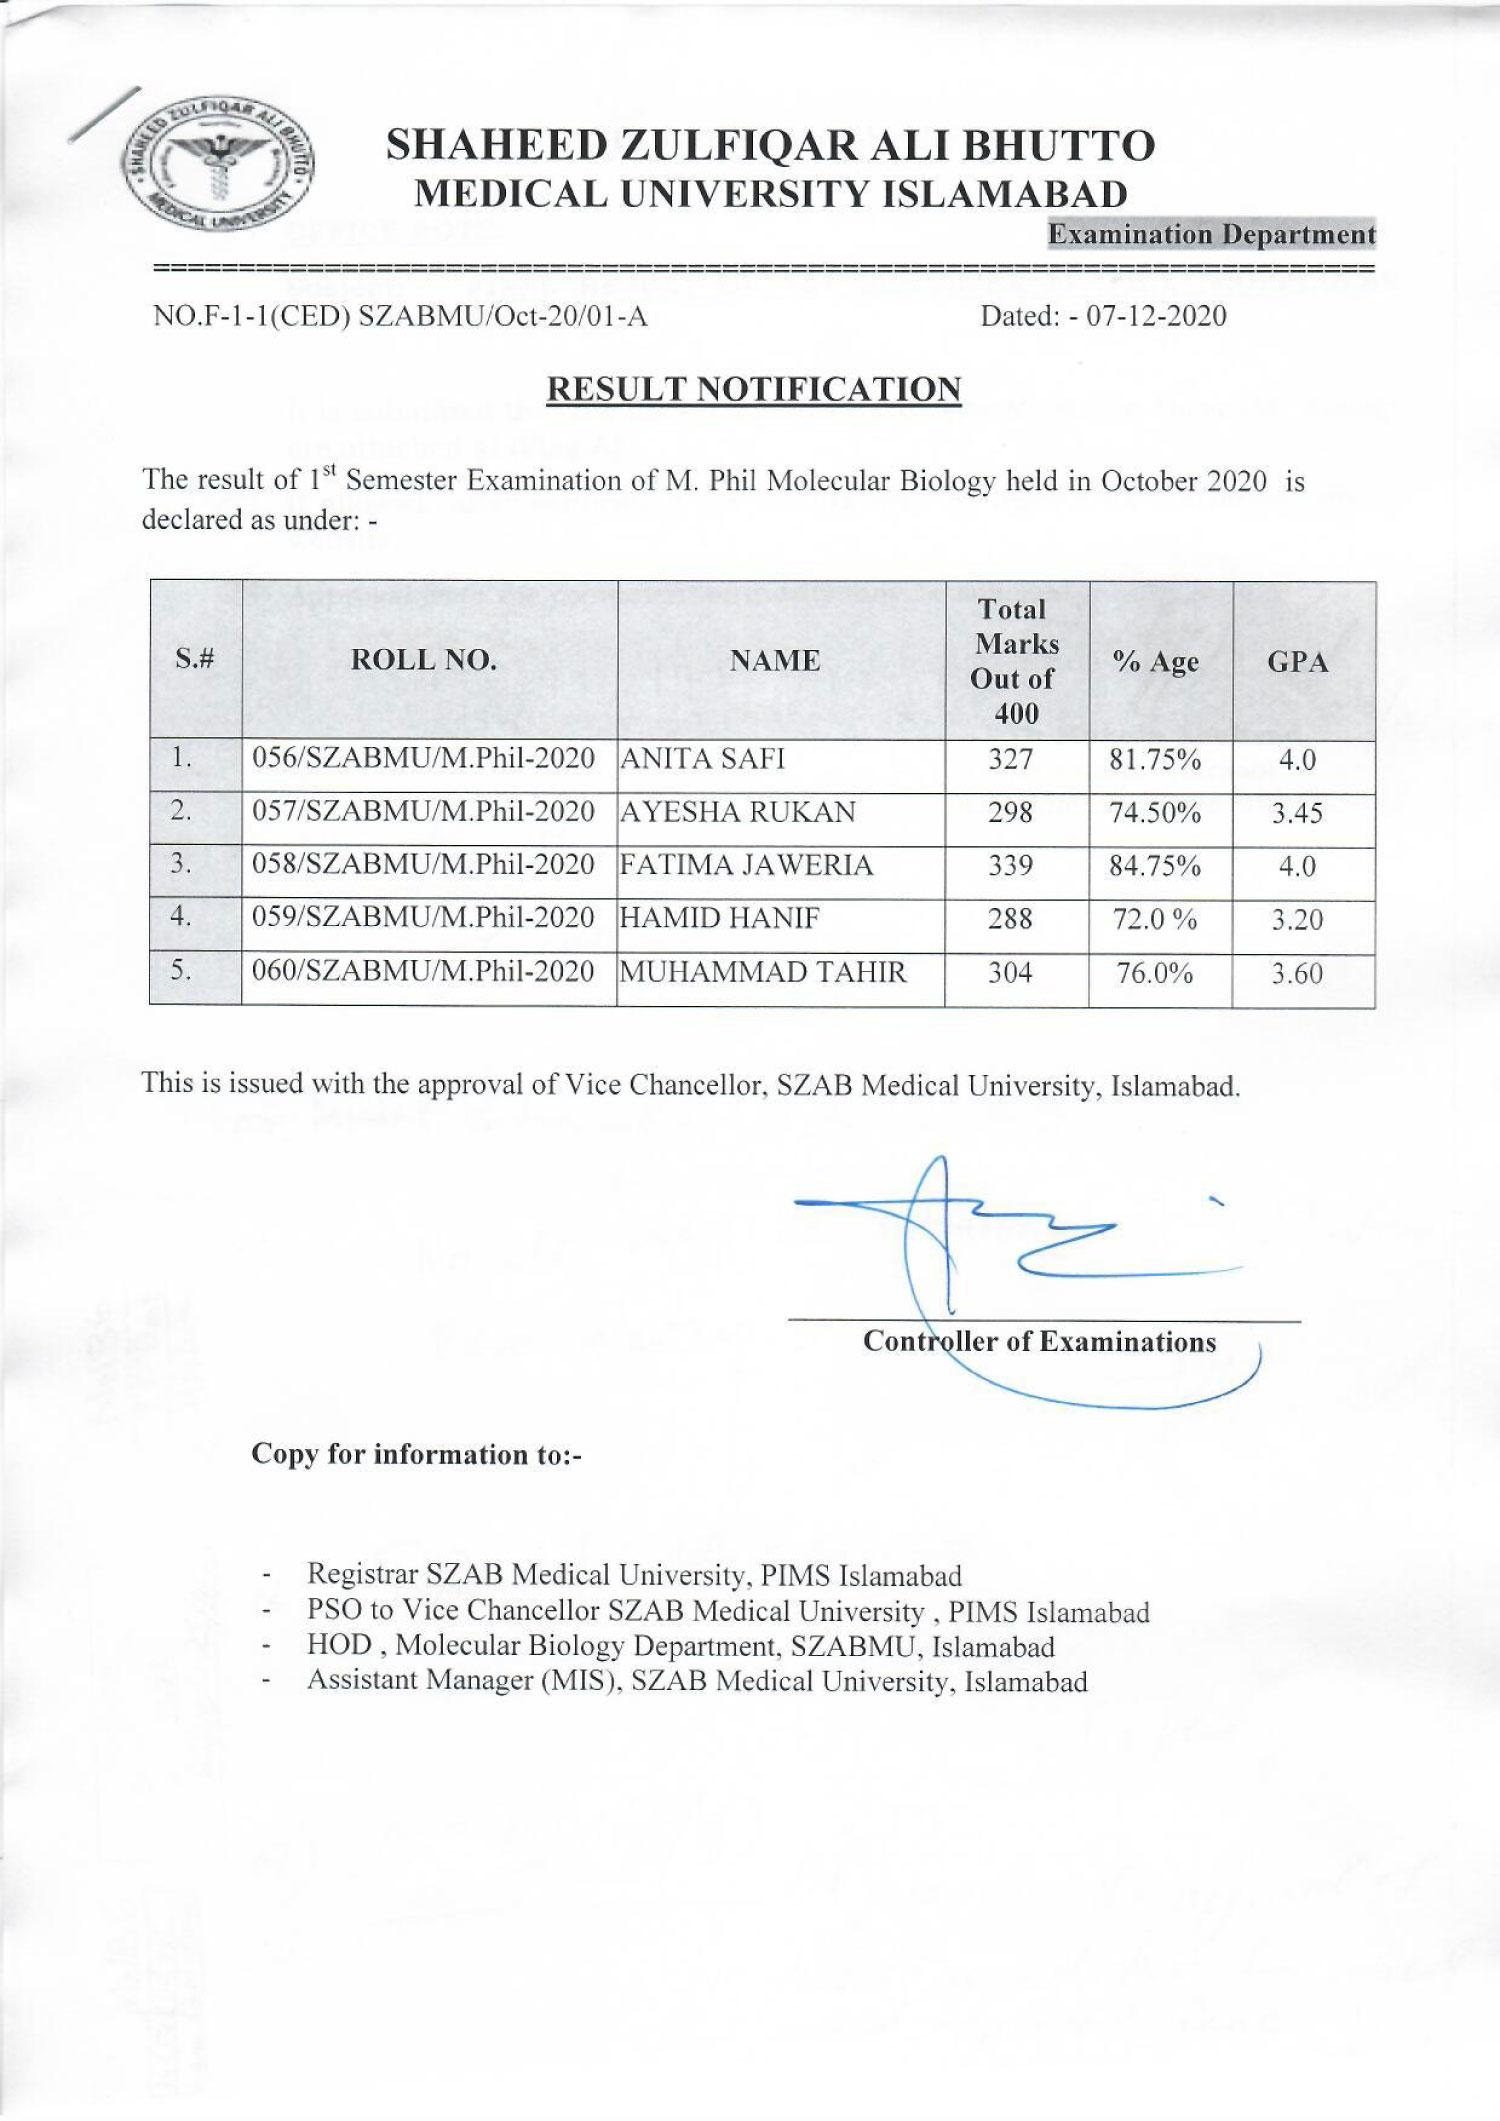 Result Notification of 1st Semester of M.Phil Molecular Biology